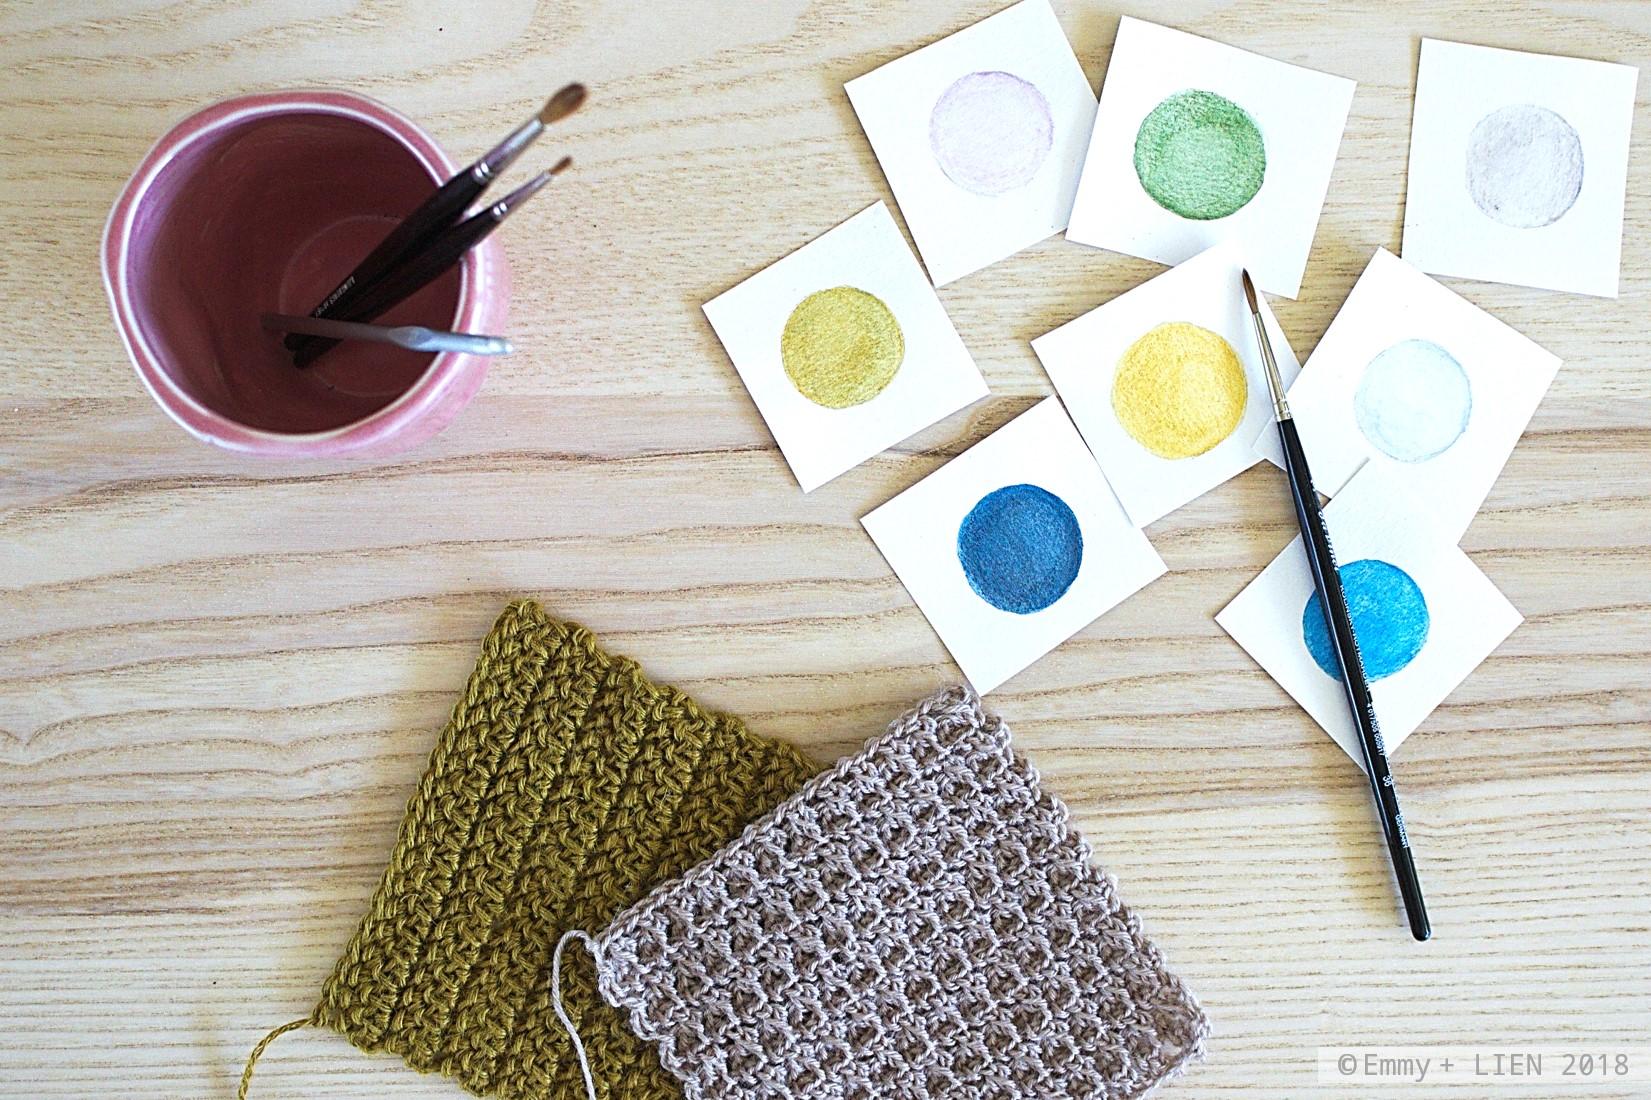 Emmy+LIEN.blog.new_brushes2.jpg